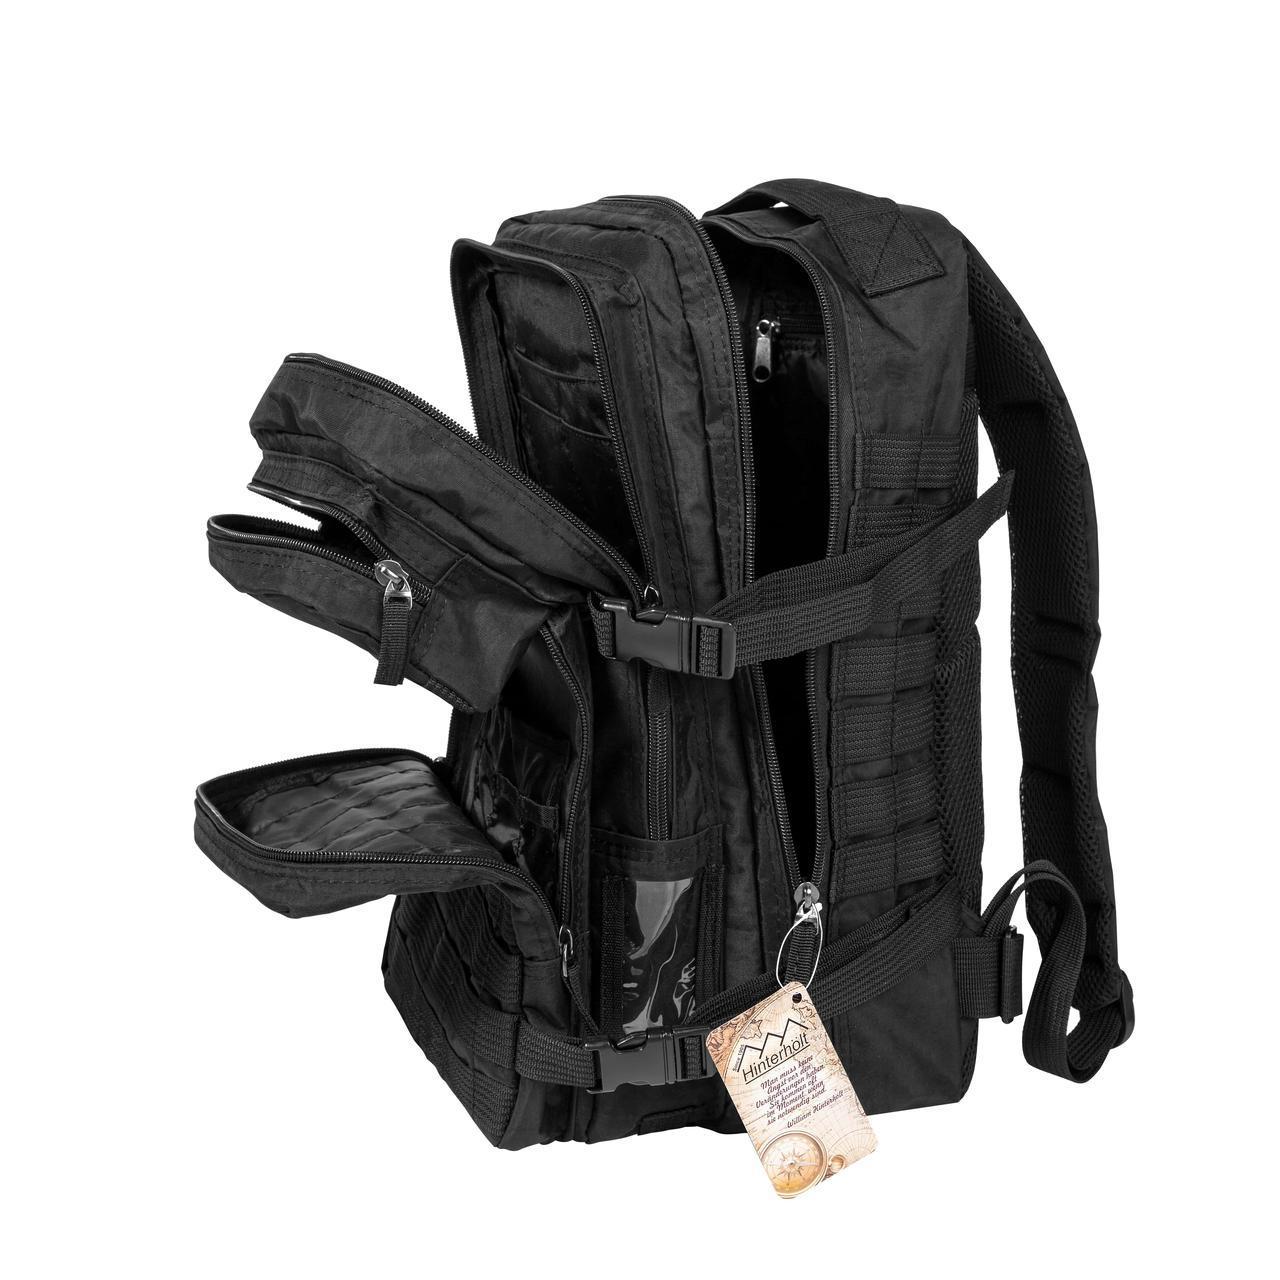 Тактический военный рюкзак Hinterhölt Jäger (Хинтерхёльт Ягер) 32 л Черный